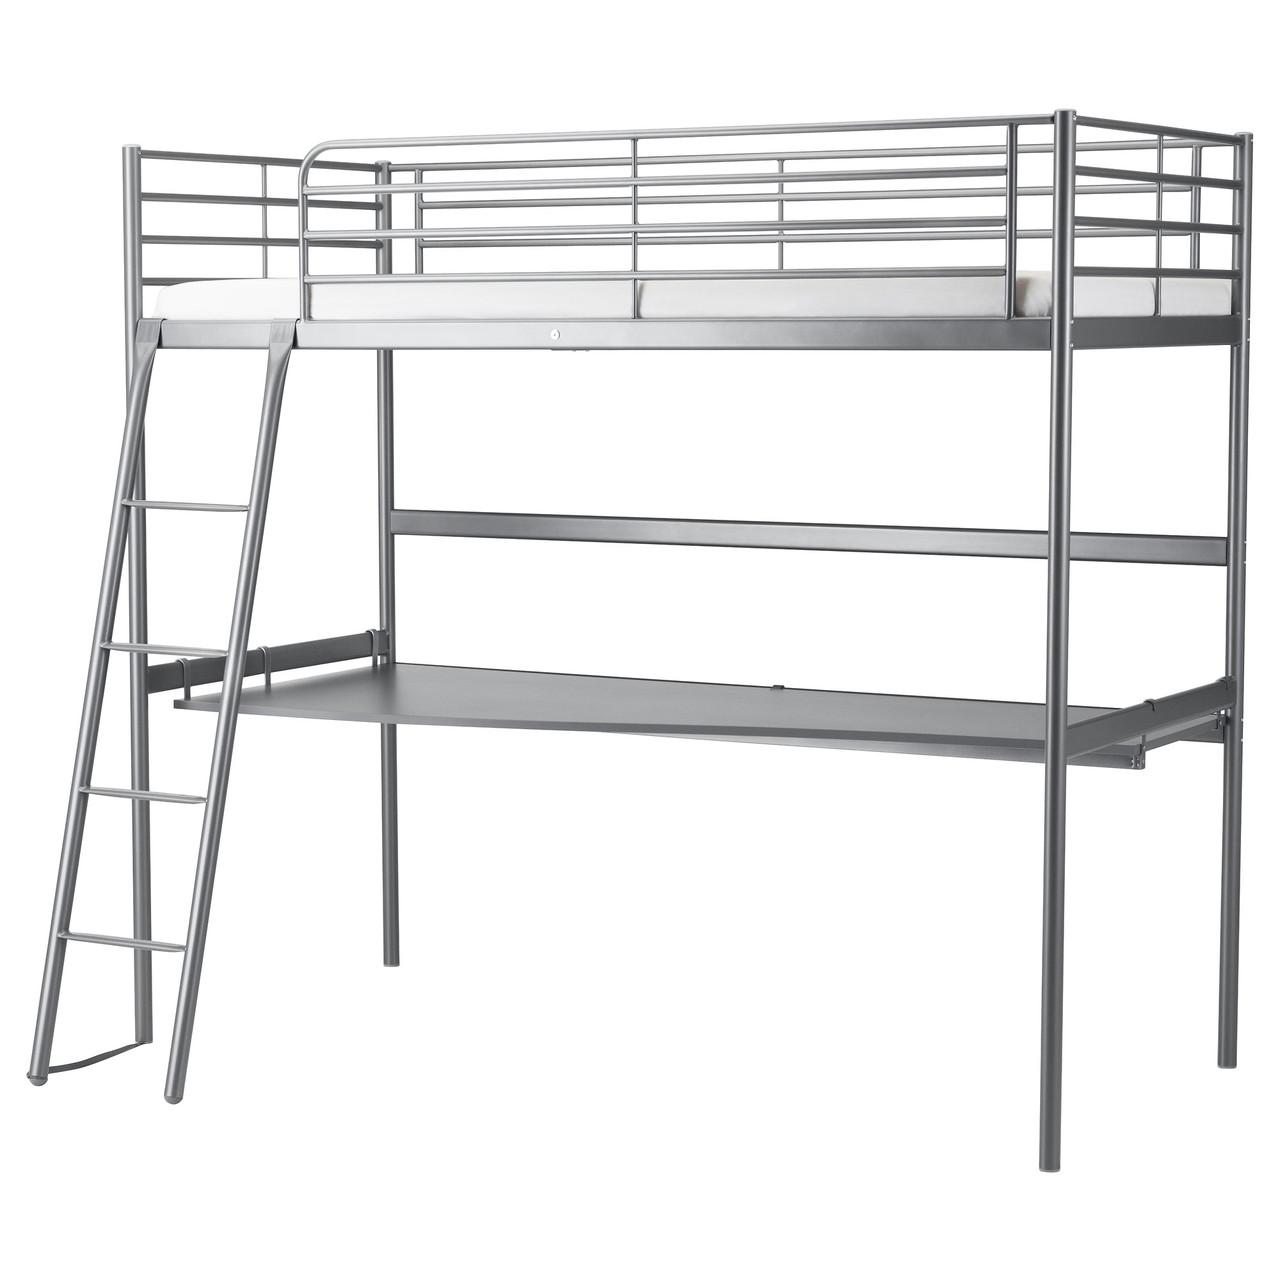 SVÄRTA Каркас кровати со столешницей, серебристый 591.512.71